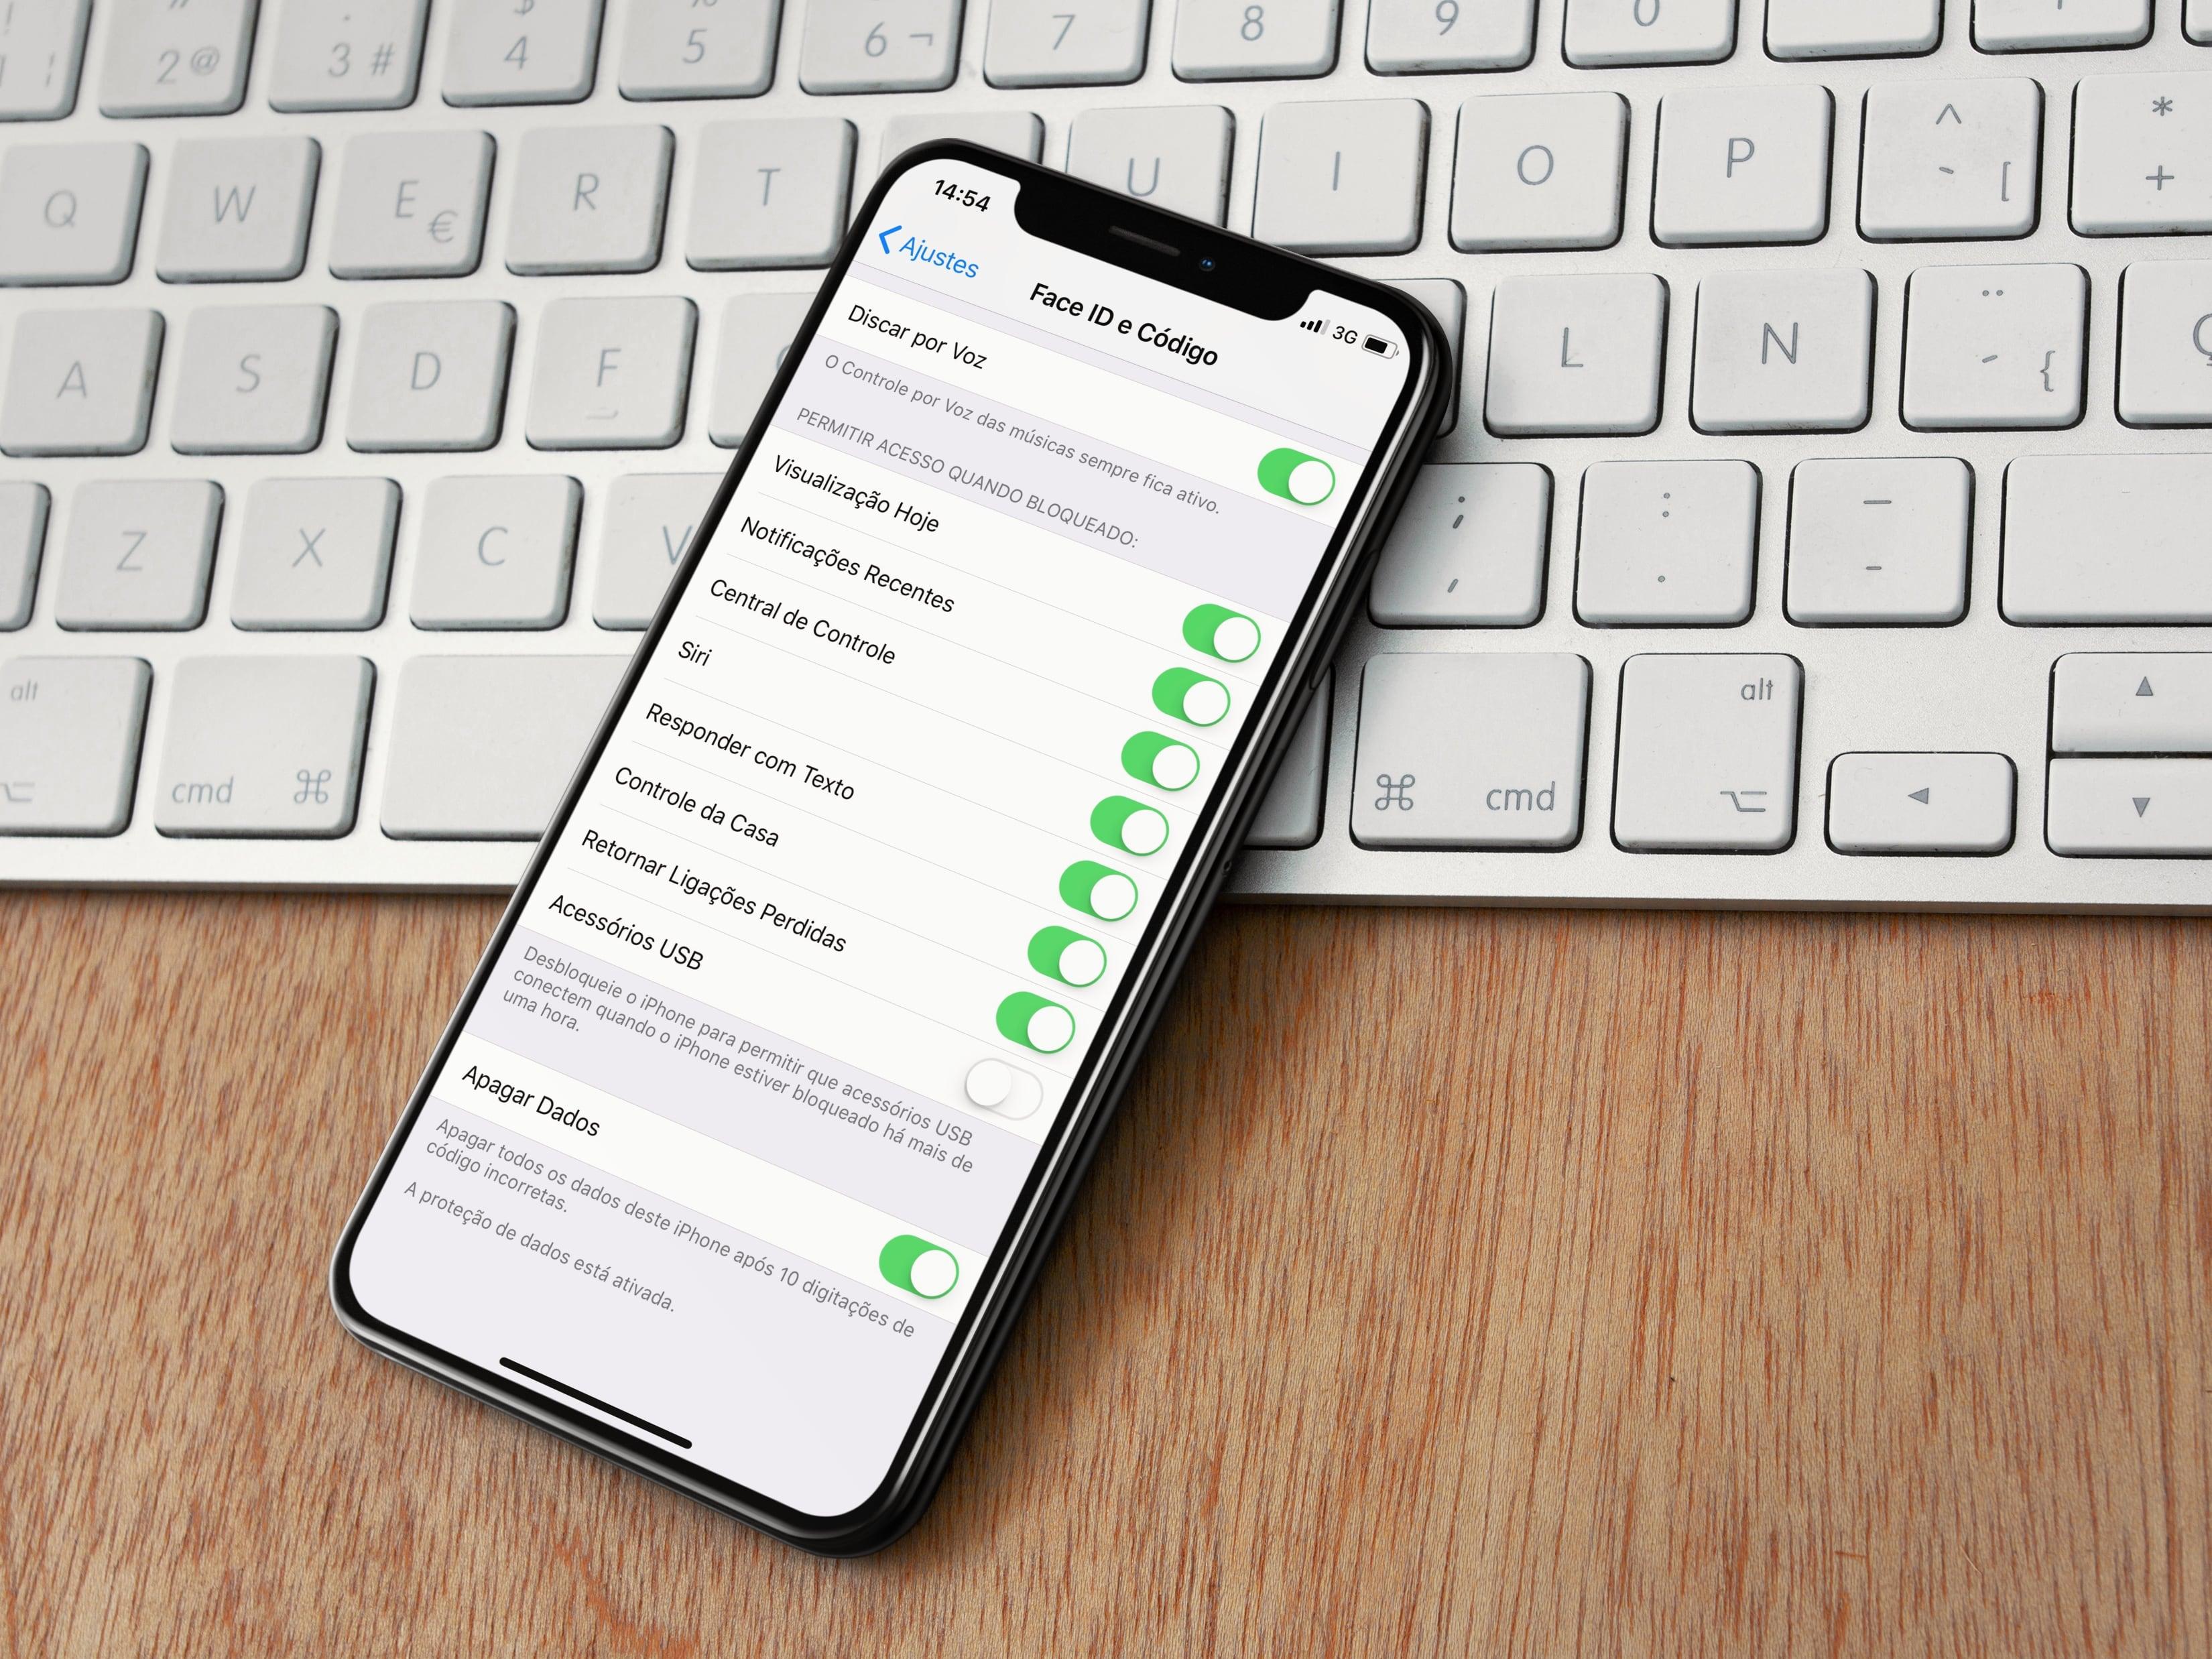 """Opção """"Acessórios USB"""" no iOS 11.4.1"""